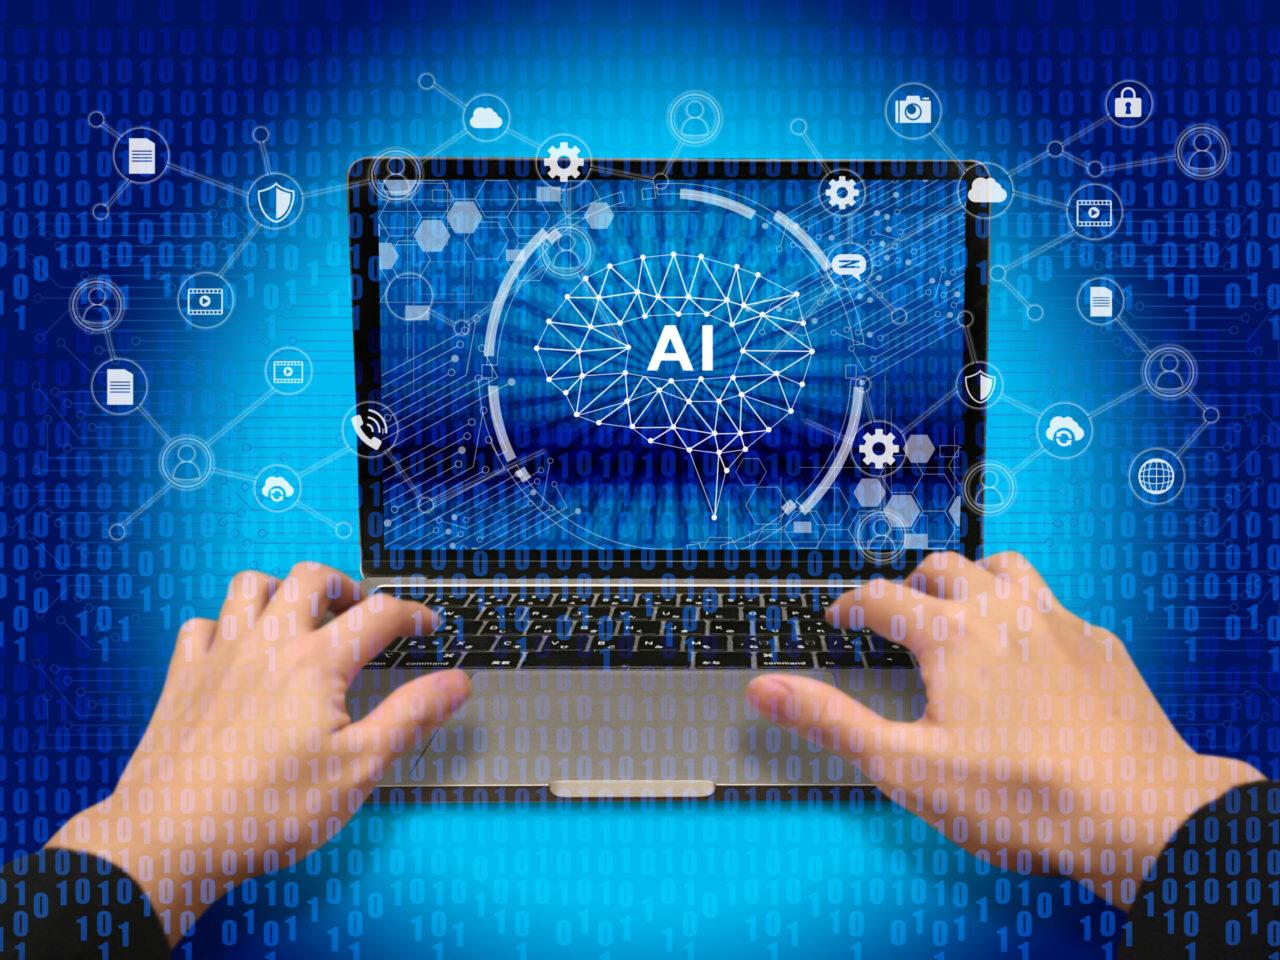 【介護ソフト】AIケアプランとは?業務改善・効率化を解説